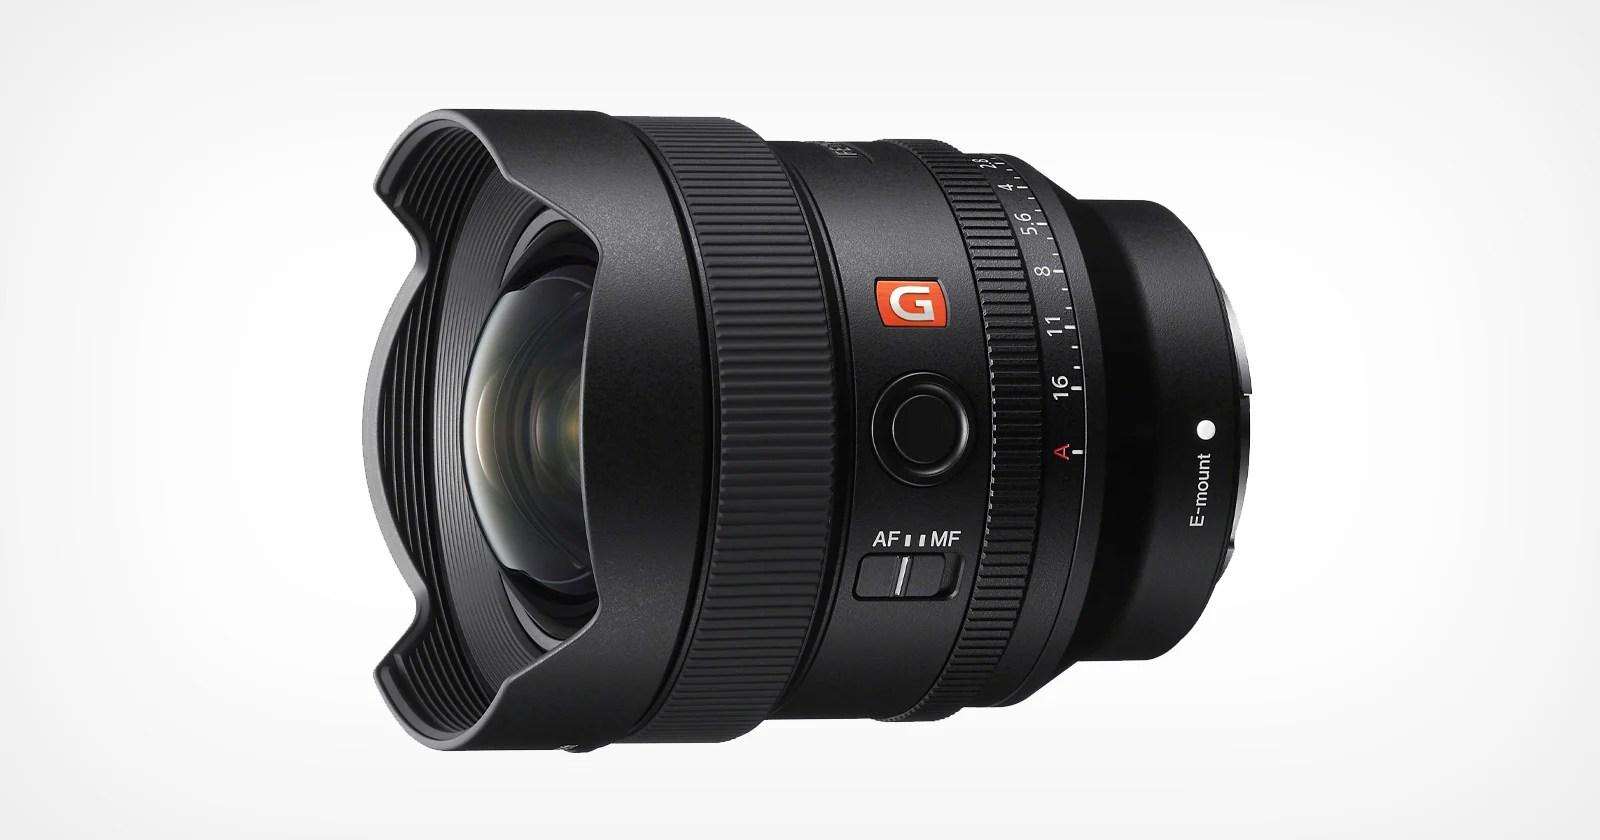 Sony presenta l'obiettivo G-Master compatto e leggero da 14 mm f / 1.8